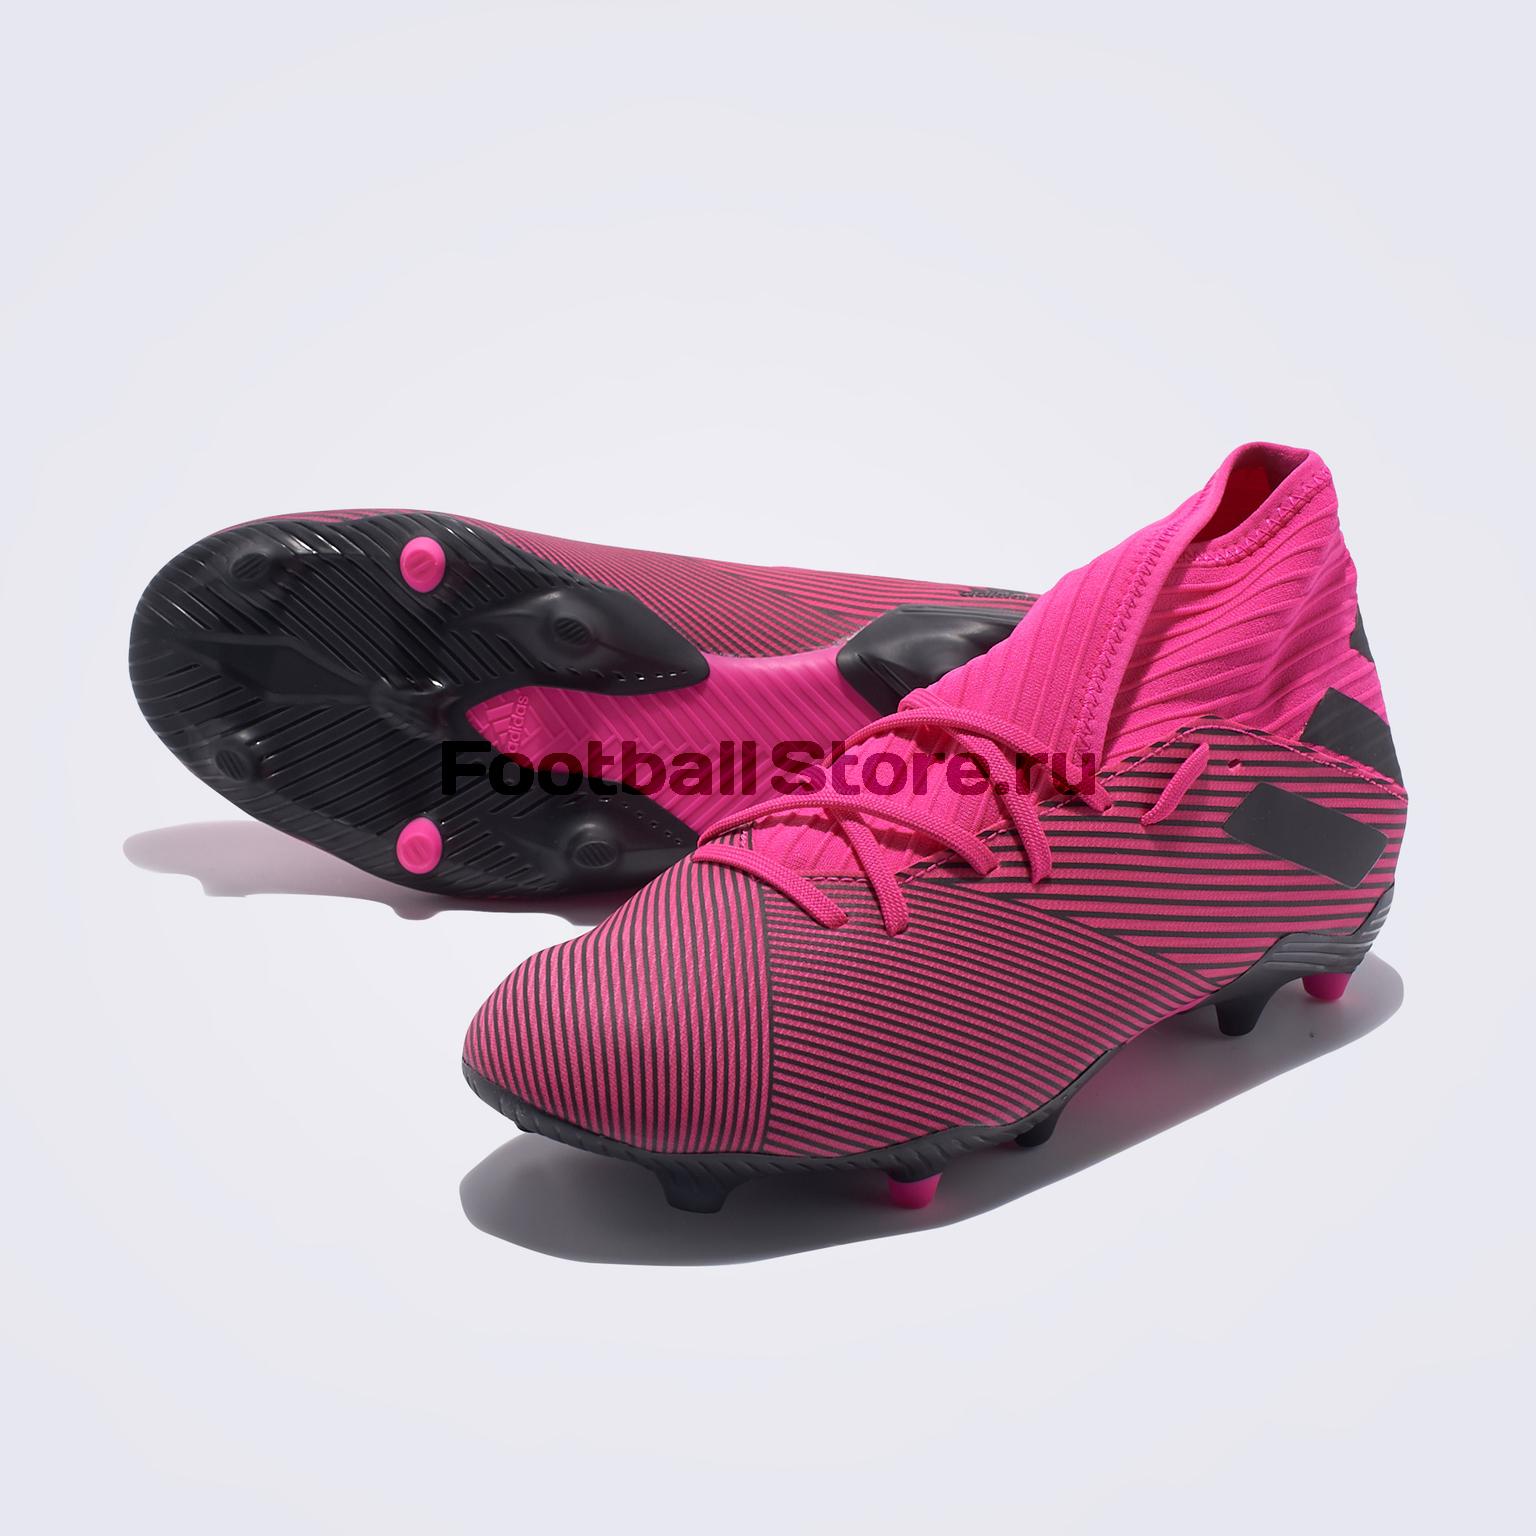 Бутсы Adidas Nemeziz 19.3 FG F34388